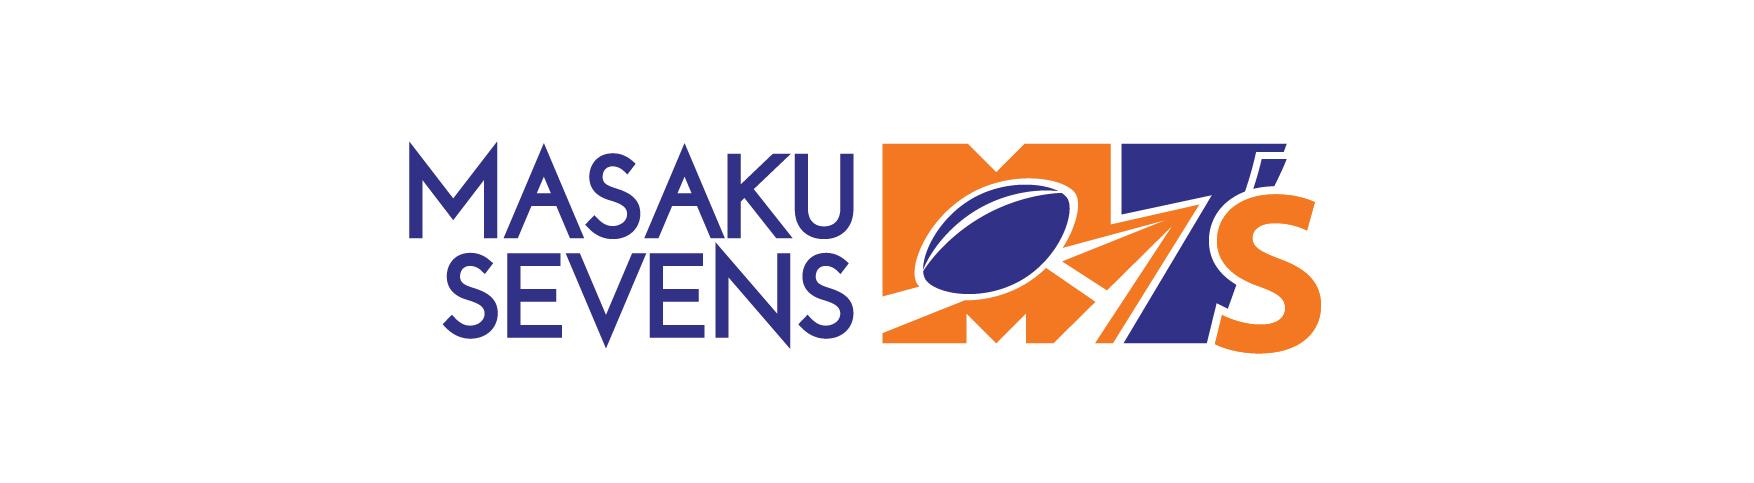 Masaku Sevens Logo 1-01